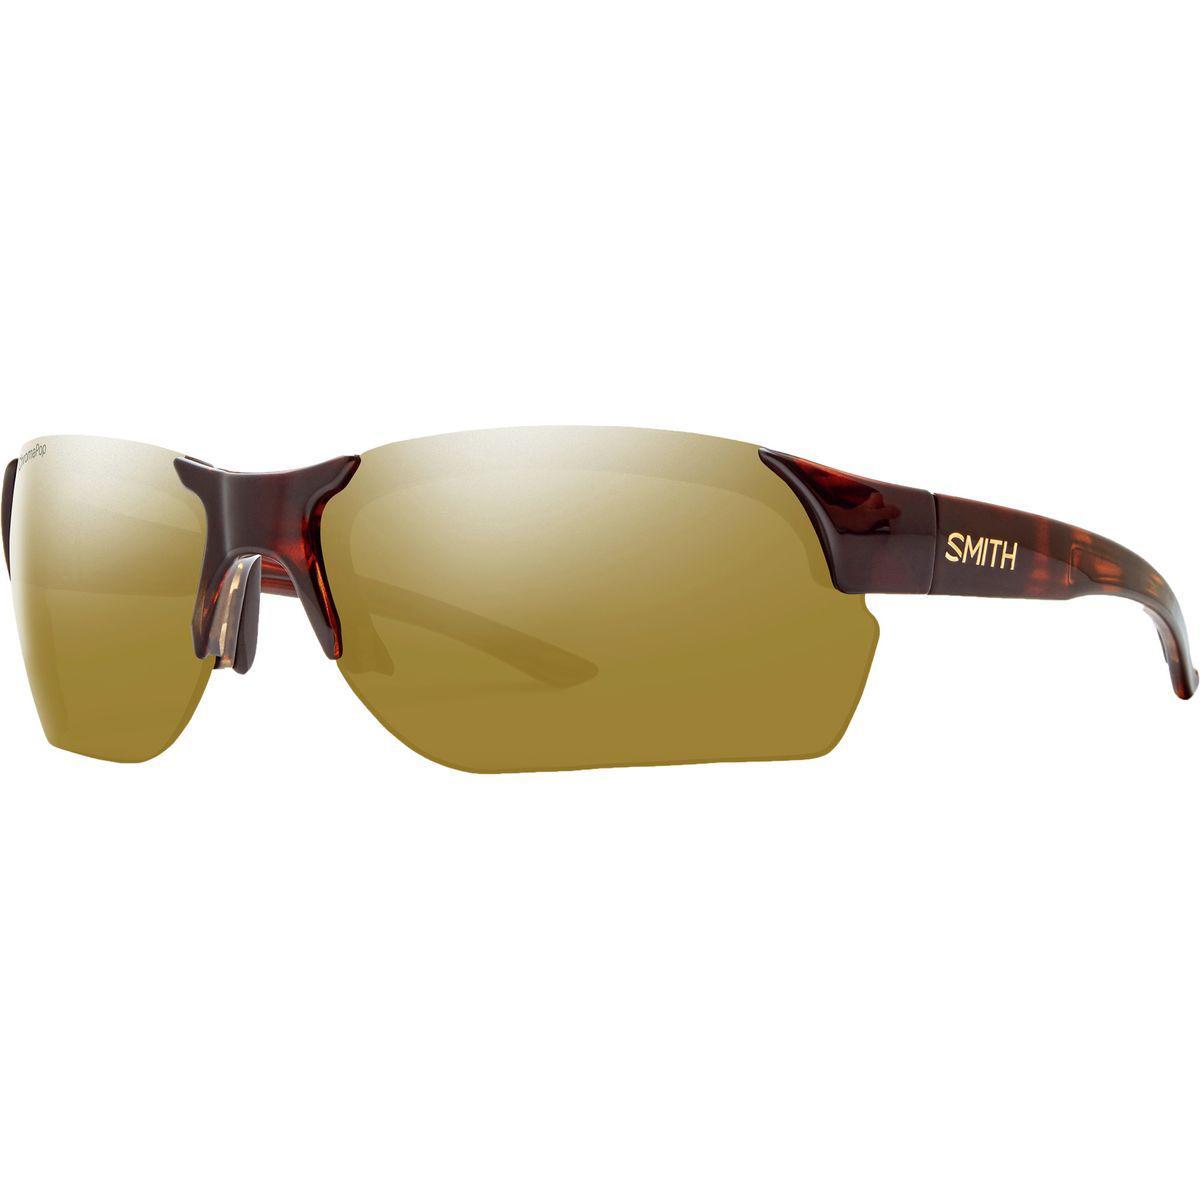 6e63ffe00e46 Smith - Multicolor Envoy Max Chromapop Polarized Sunglasses for Men - Lyst.  View fullscreen